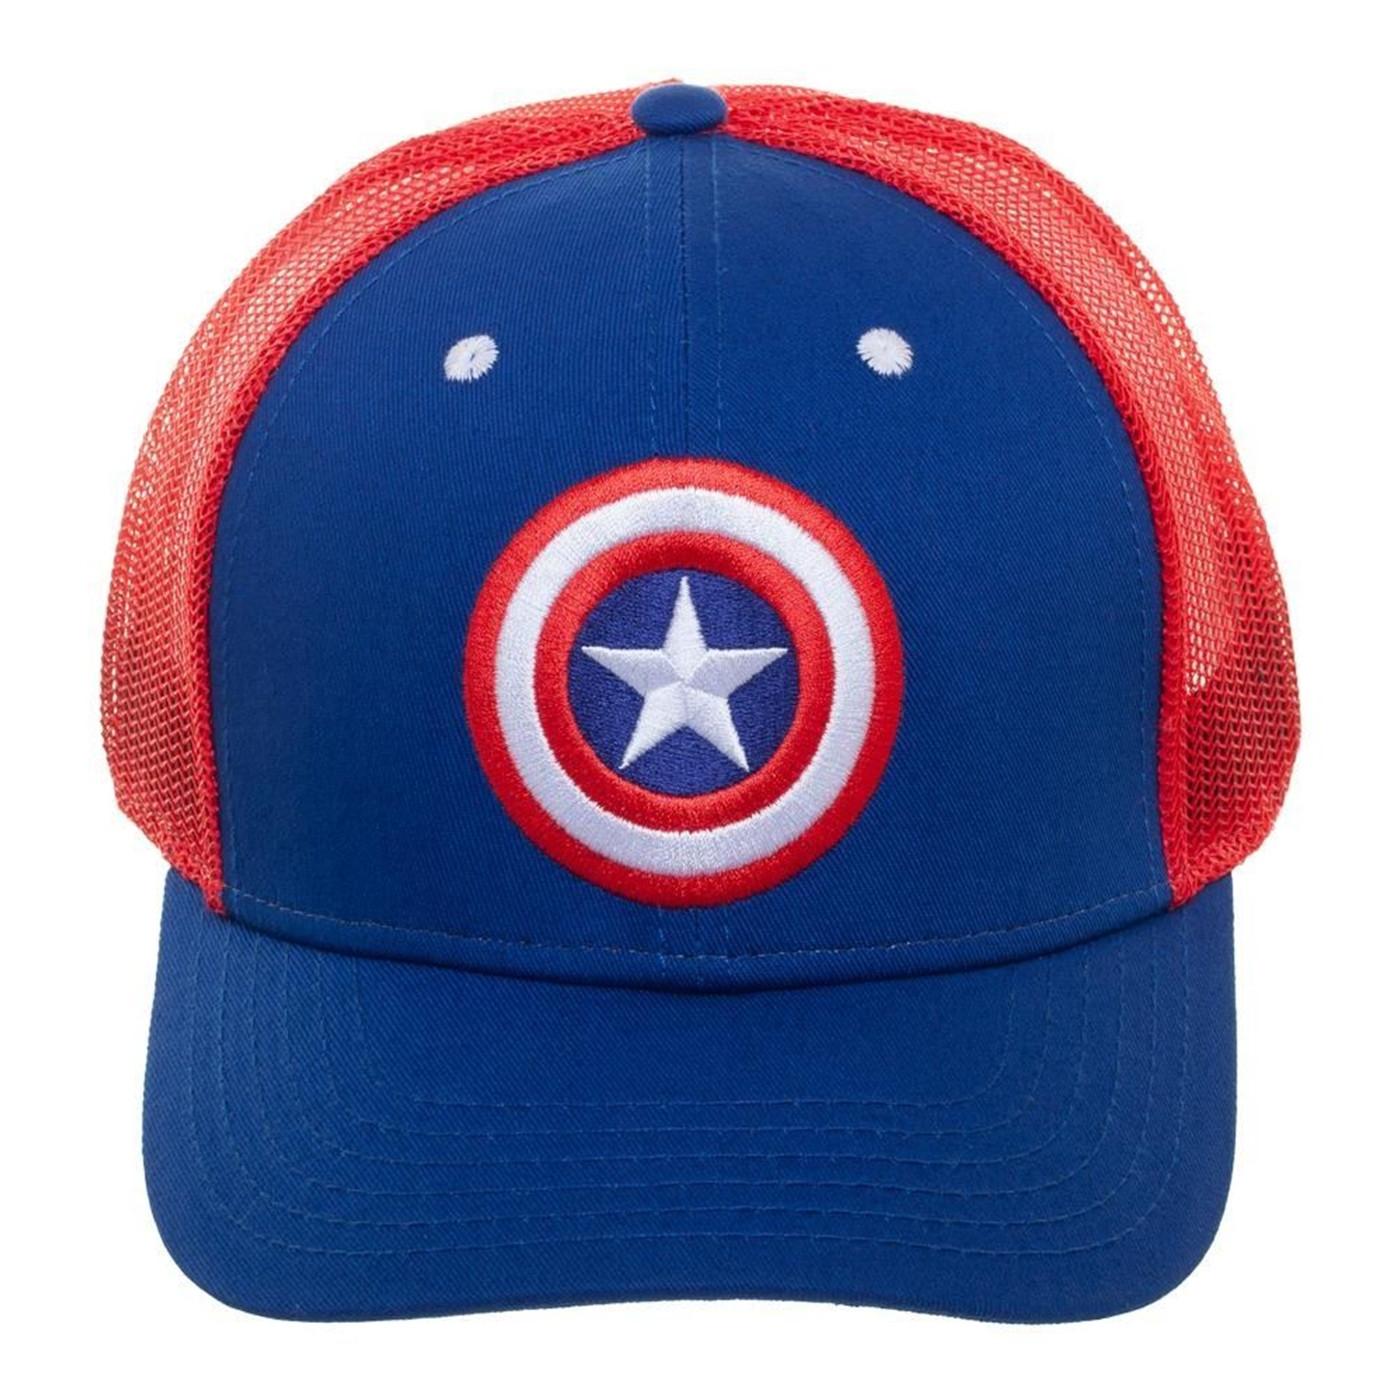 Captain America Mesh Trucker Hat